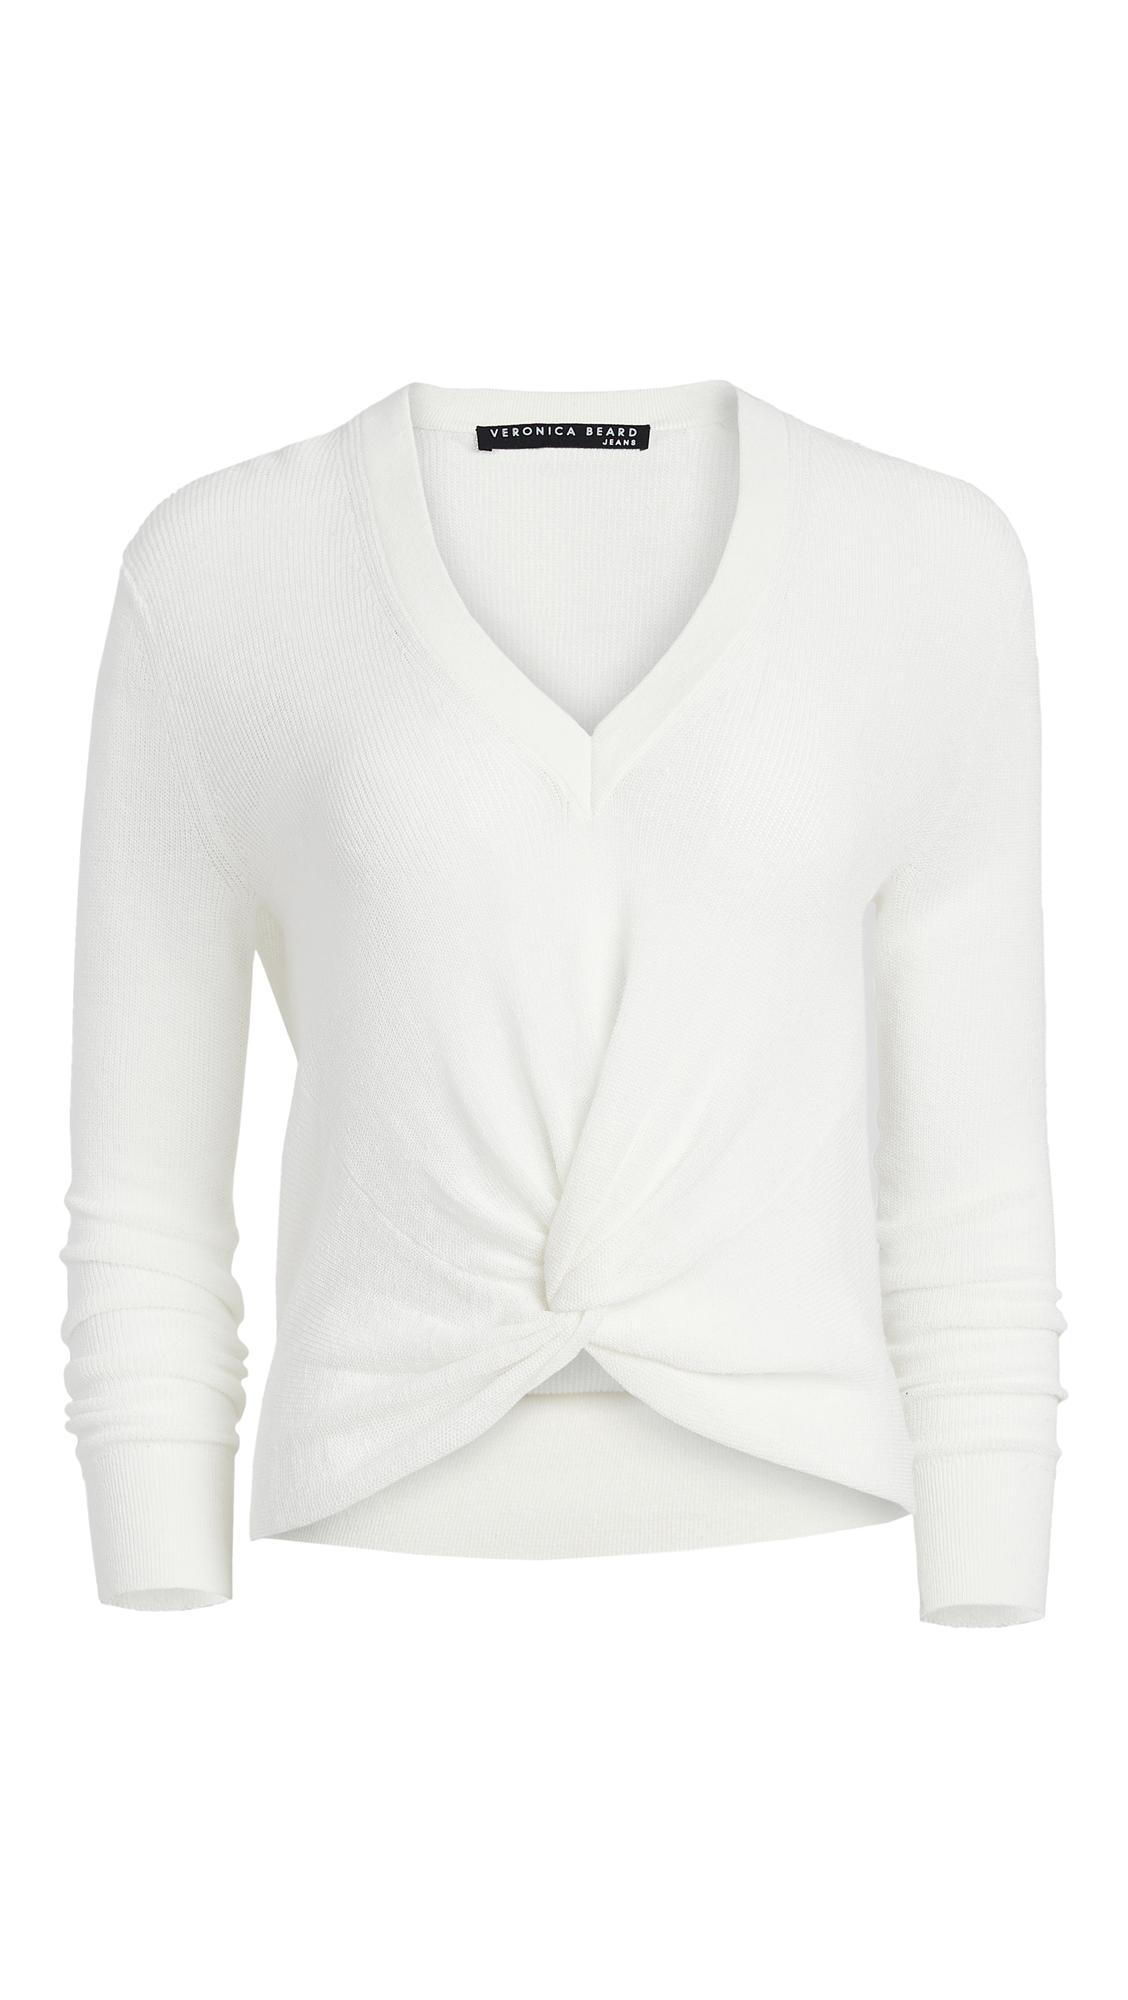 Veronica Beard Jean Soren Sweater